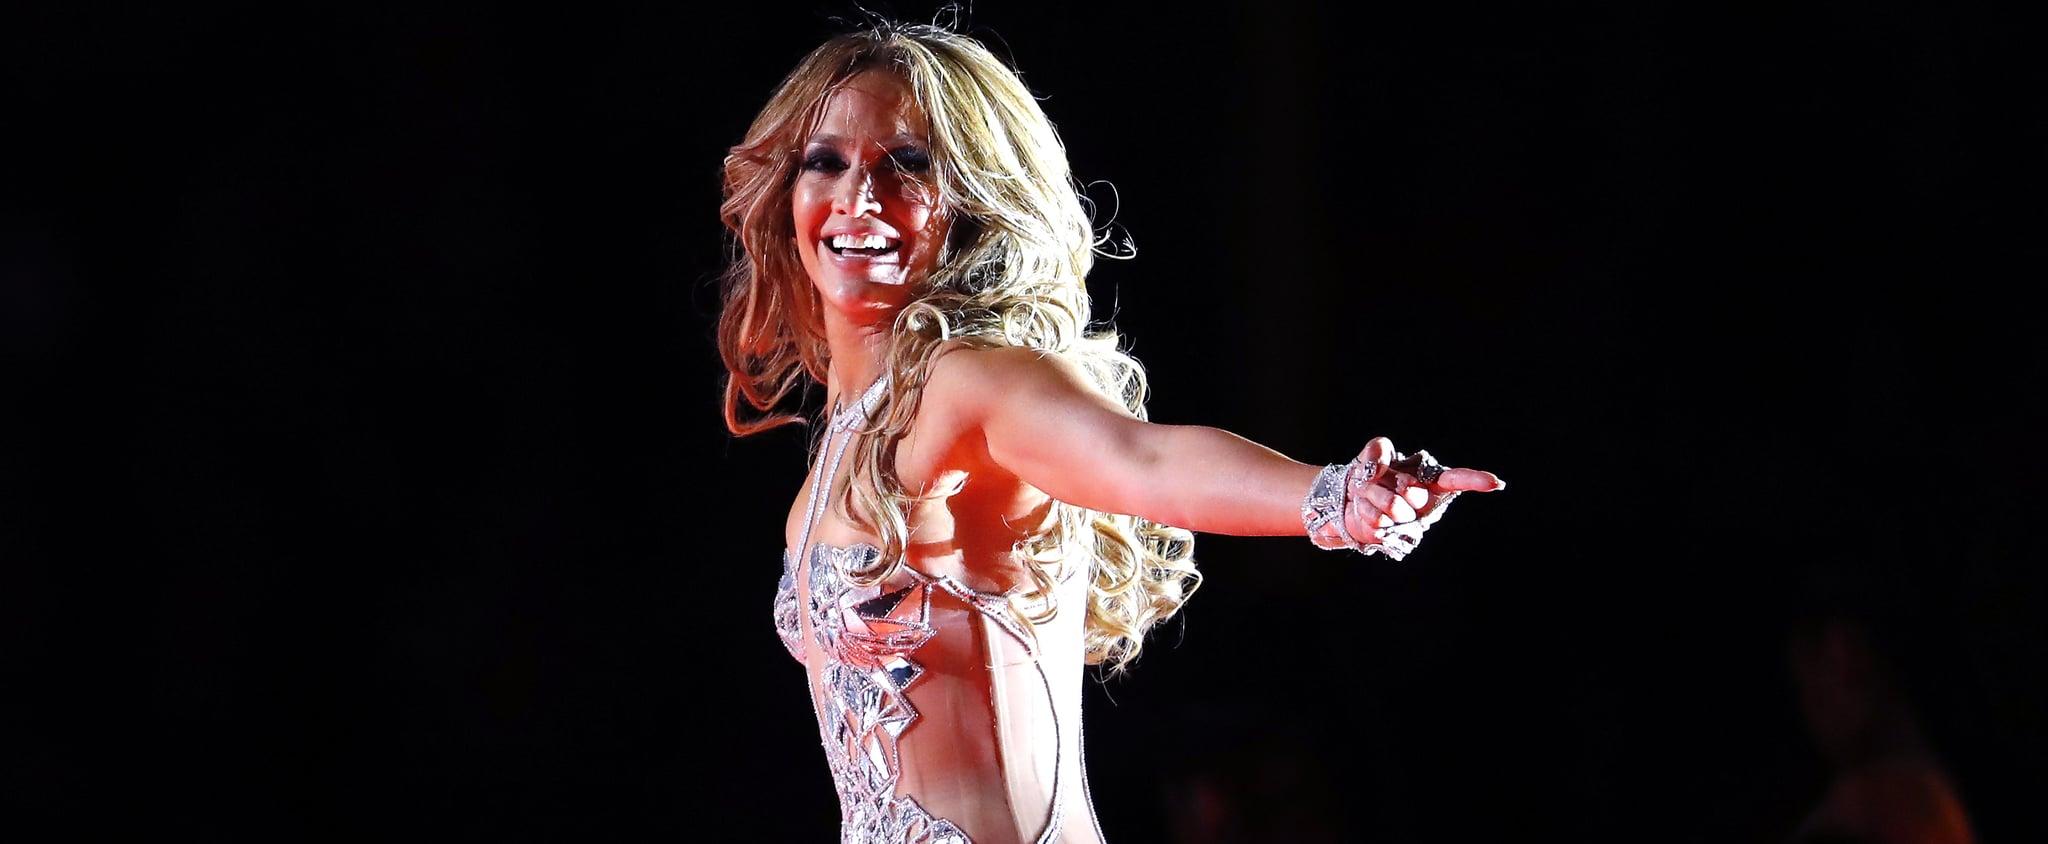 Watch Jennifer Lopez's Best Dance Videos on TikTok